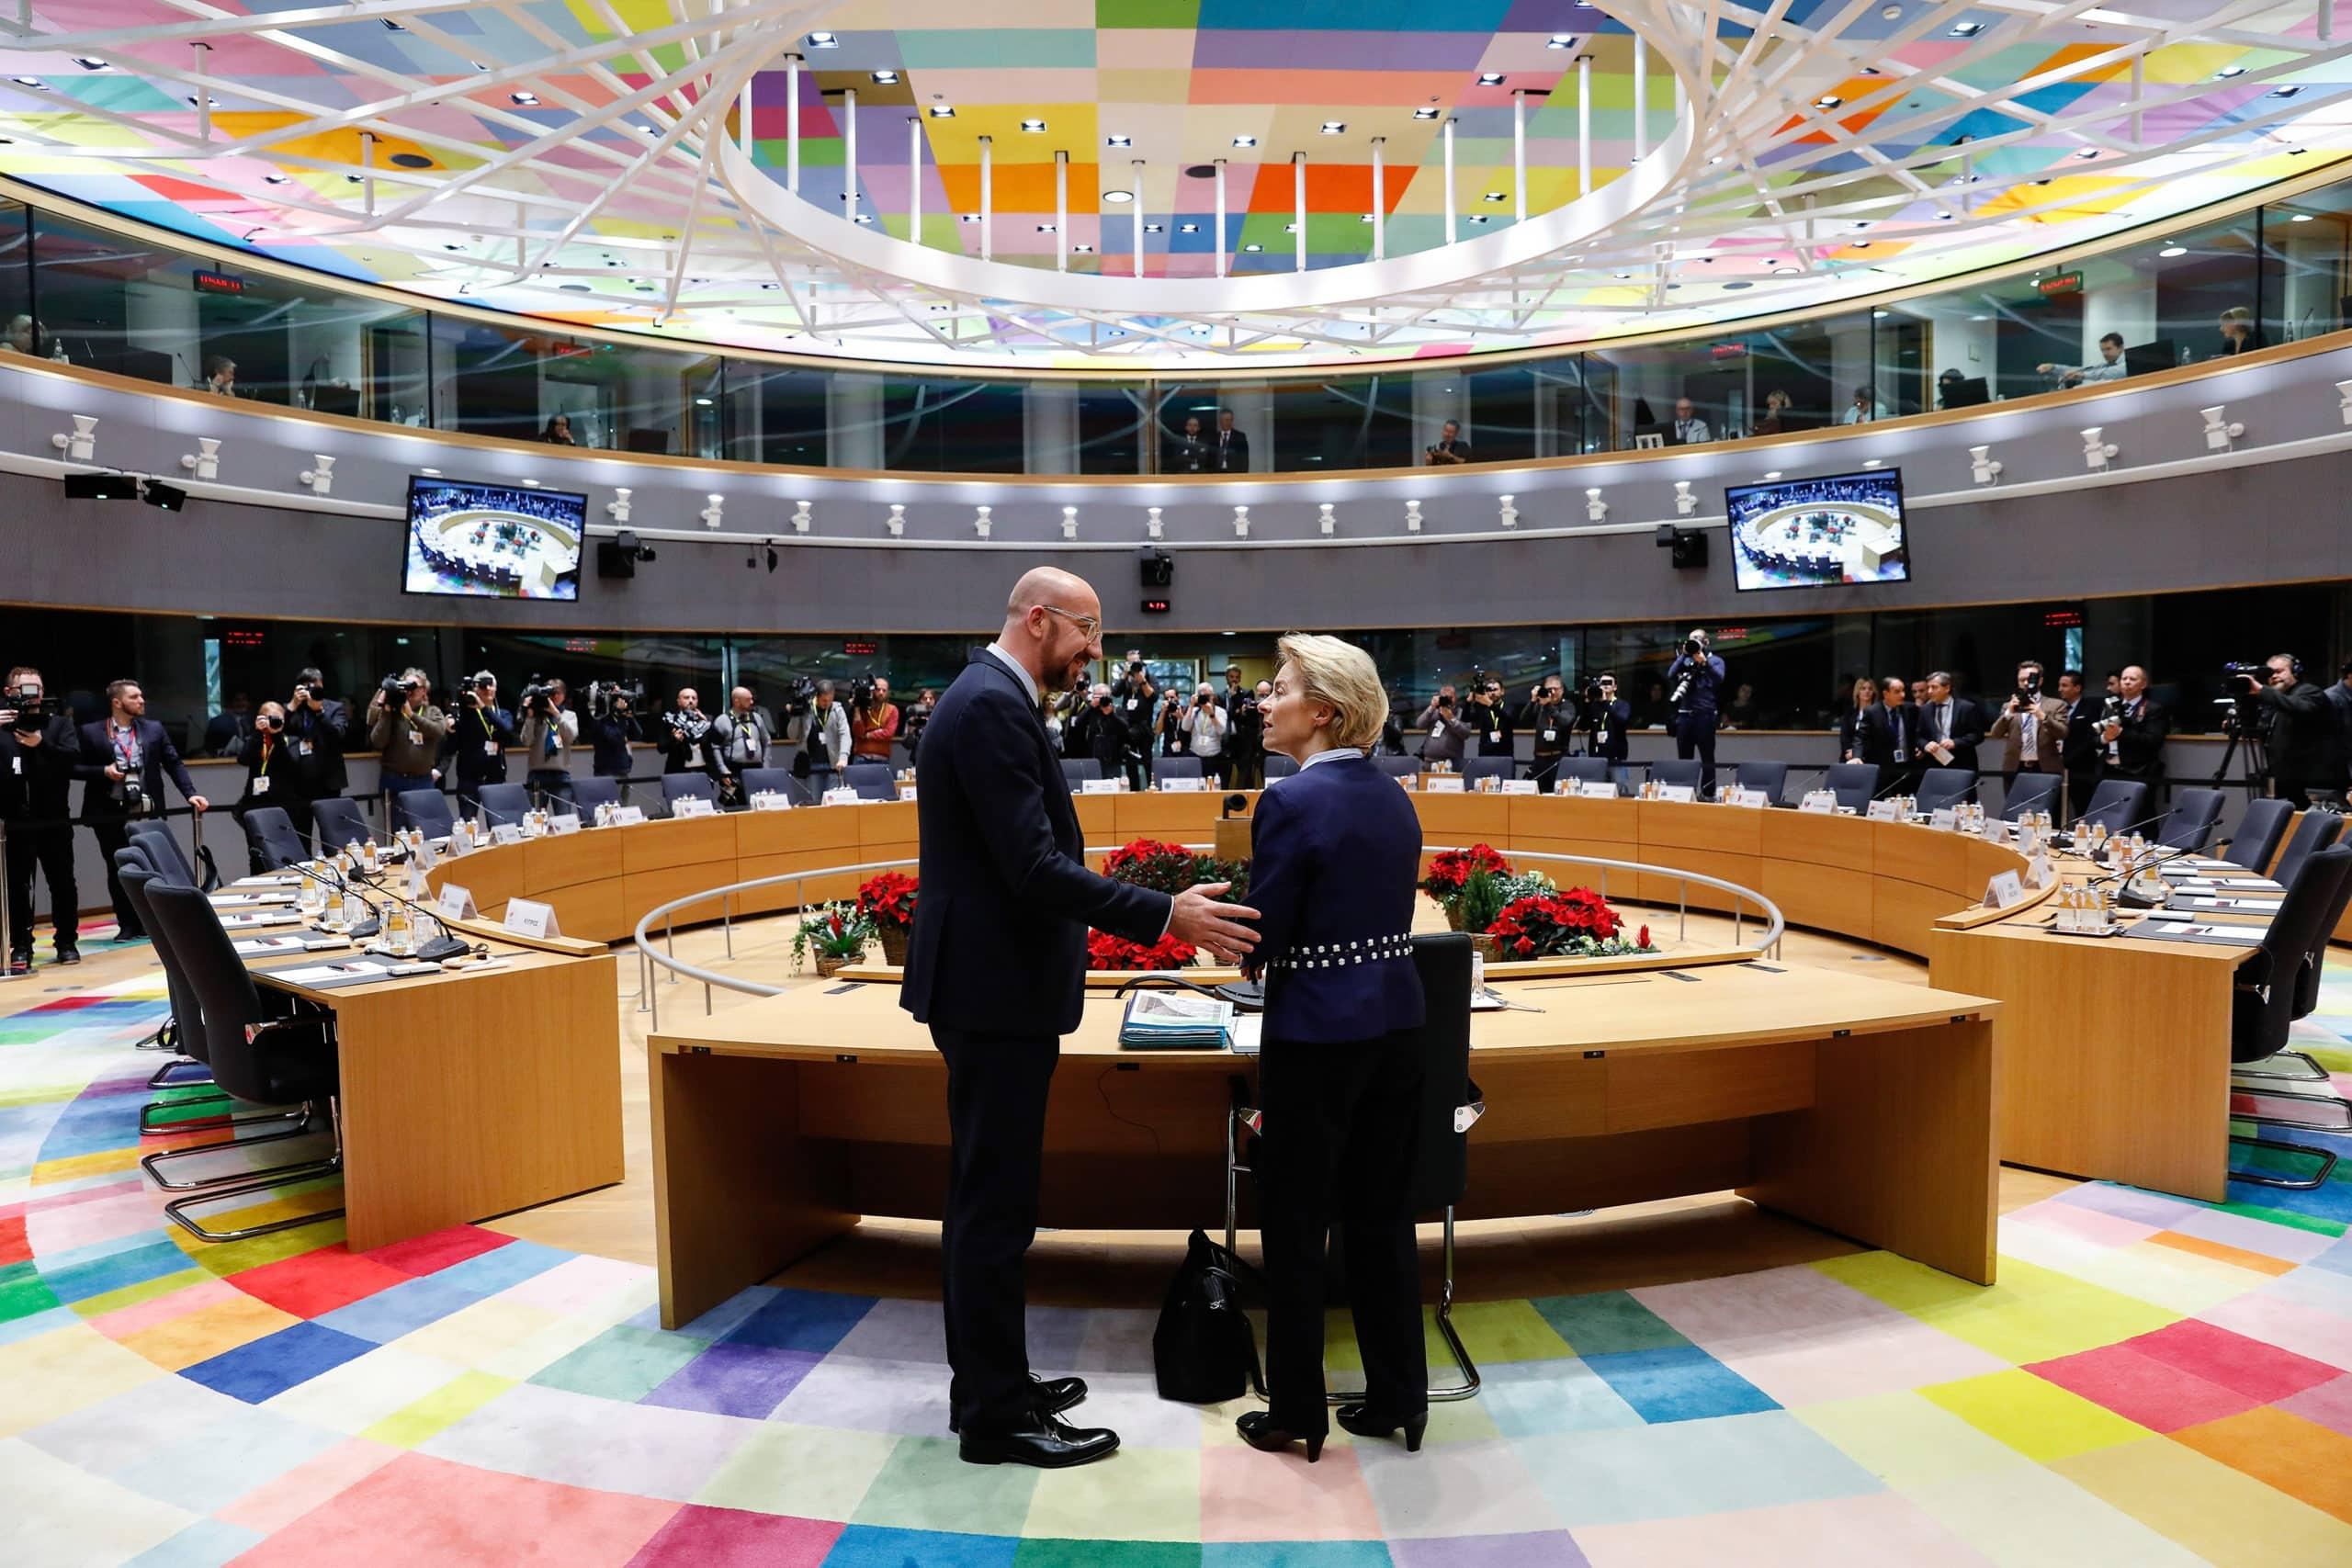 Σύνοδος Κορυφής ΕΕ: Ένα τρις ευρώ οι ολιγαρκείς και οι άλλοι